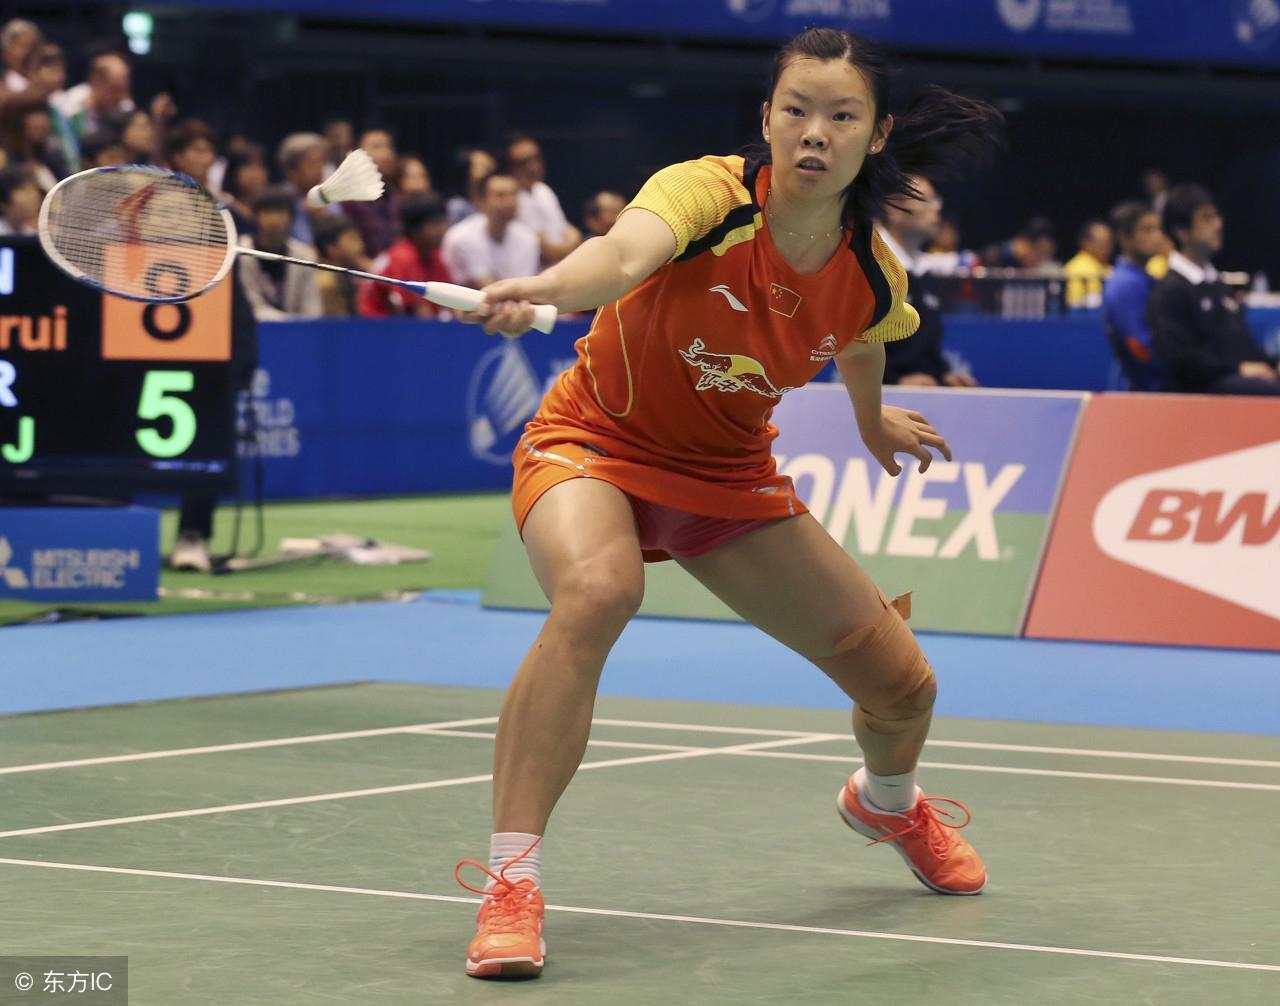 中国女子羽毛球队运动员:李雪芮美女功夫百度贴吧图片